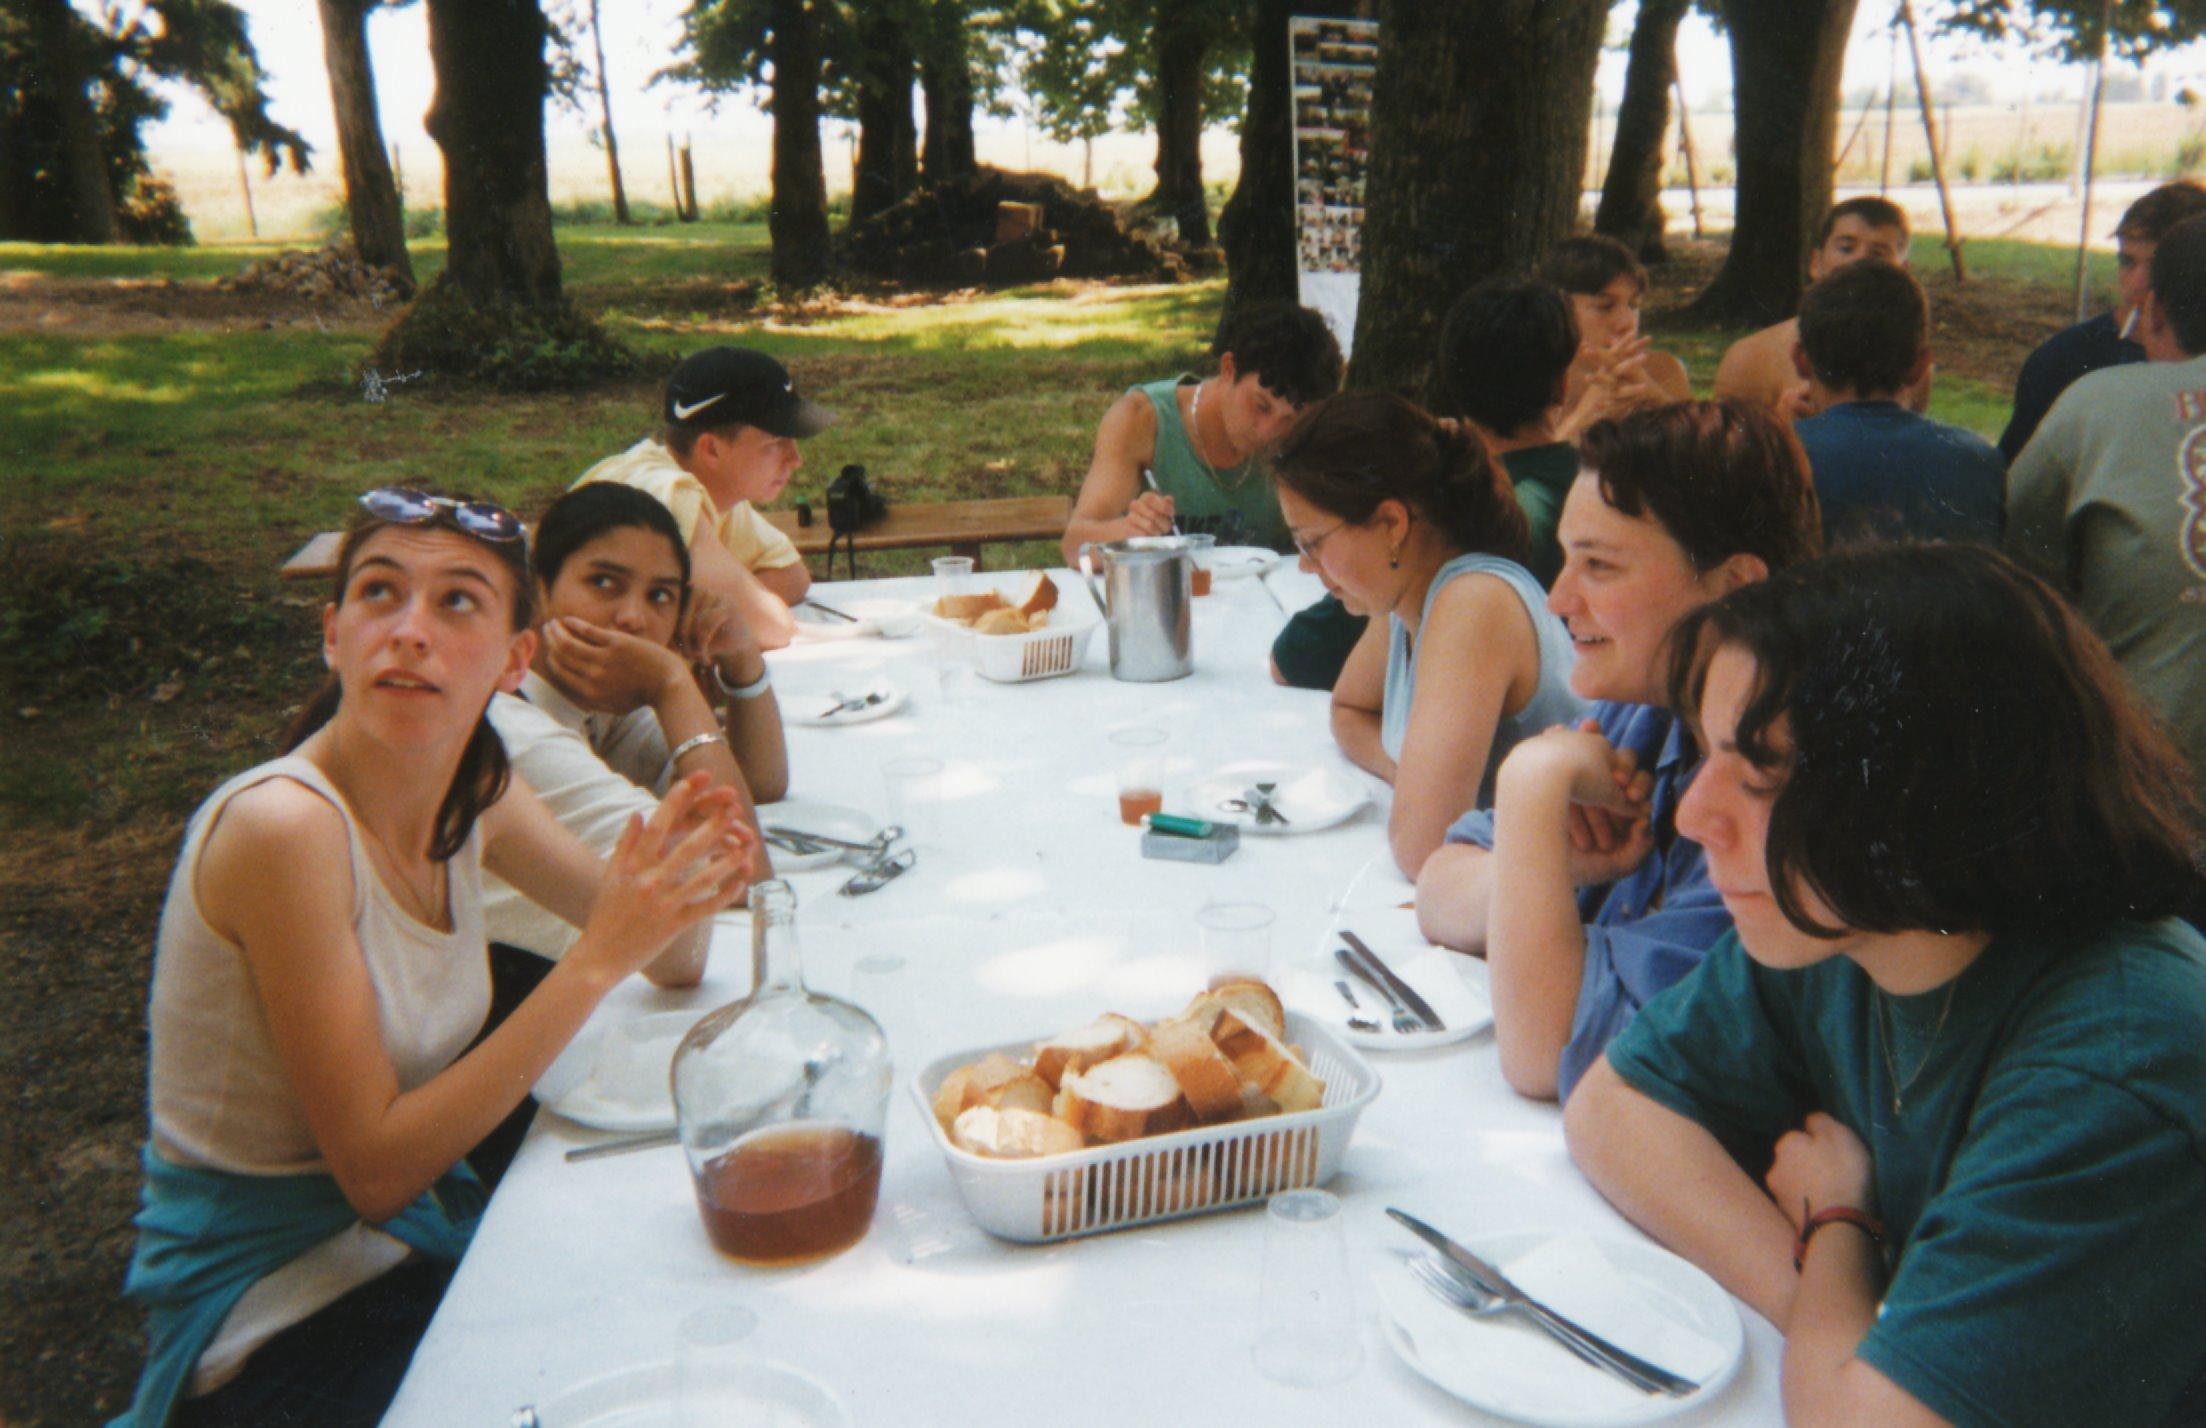 Archives anciens élèves mfr puy-sec 1995 (2)